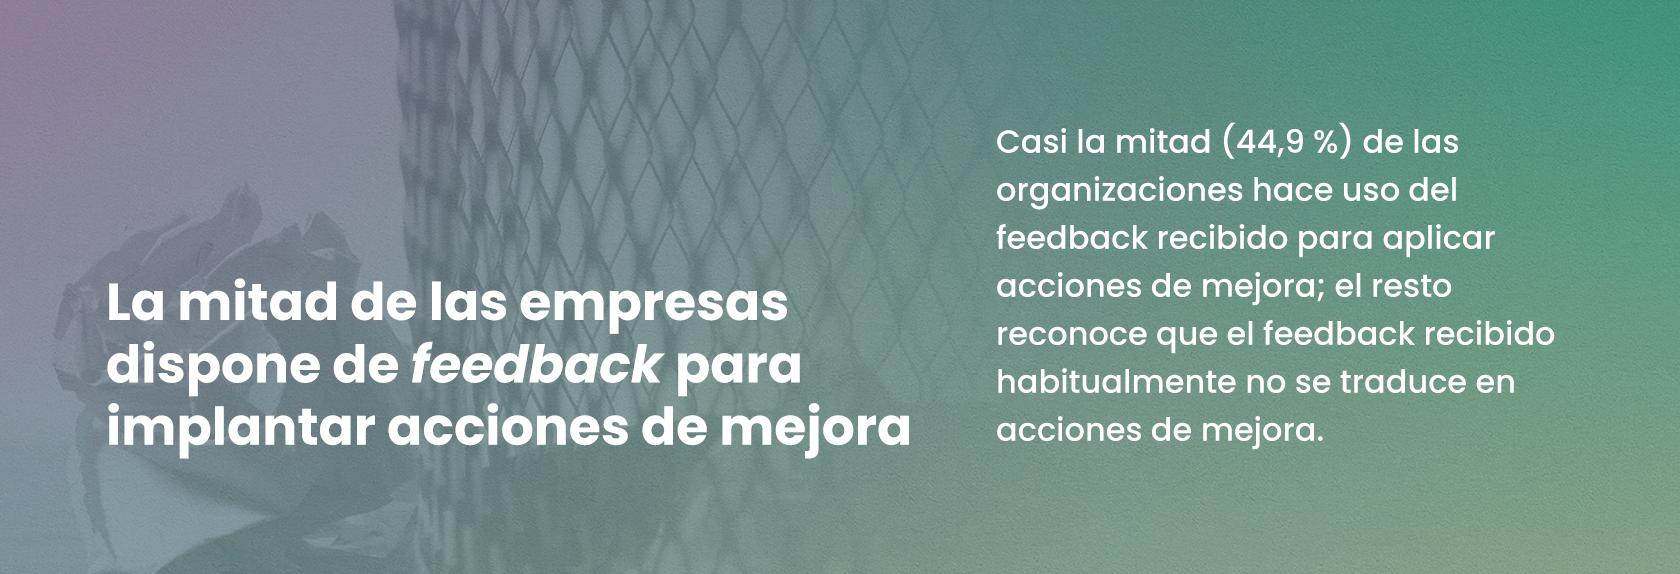 La mitad de las empresas dispone de feedback para implantar acciones de mejora